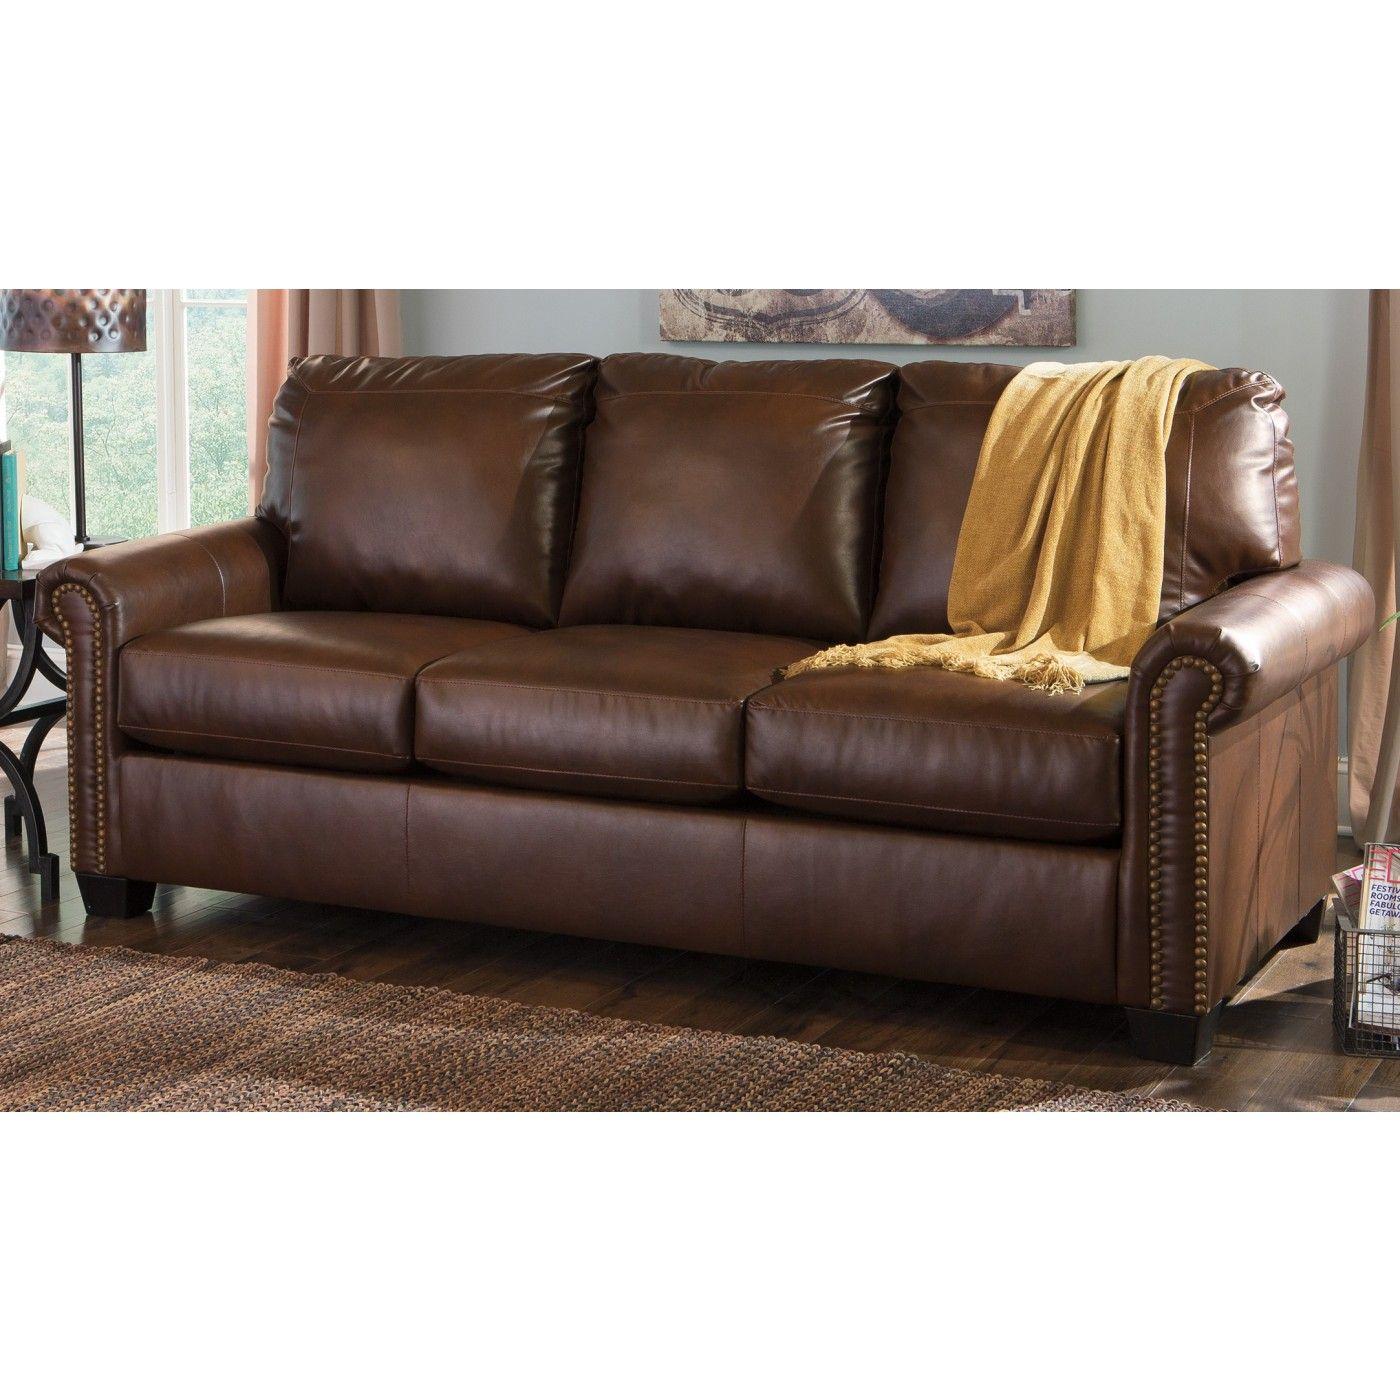 Lottie Durablend Chocolate Queen Sleeper Sofa